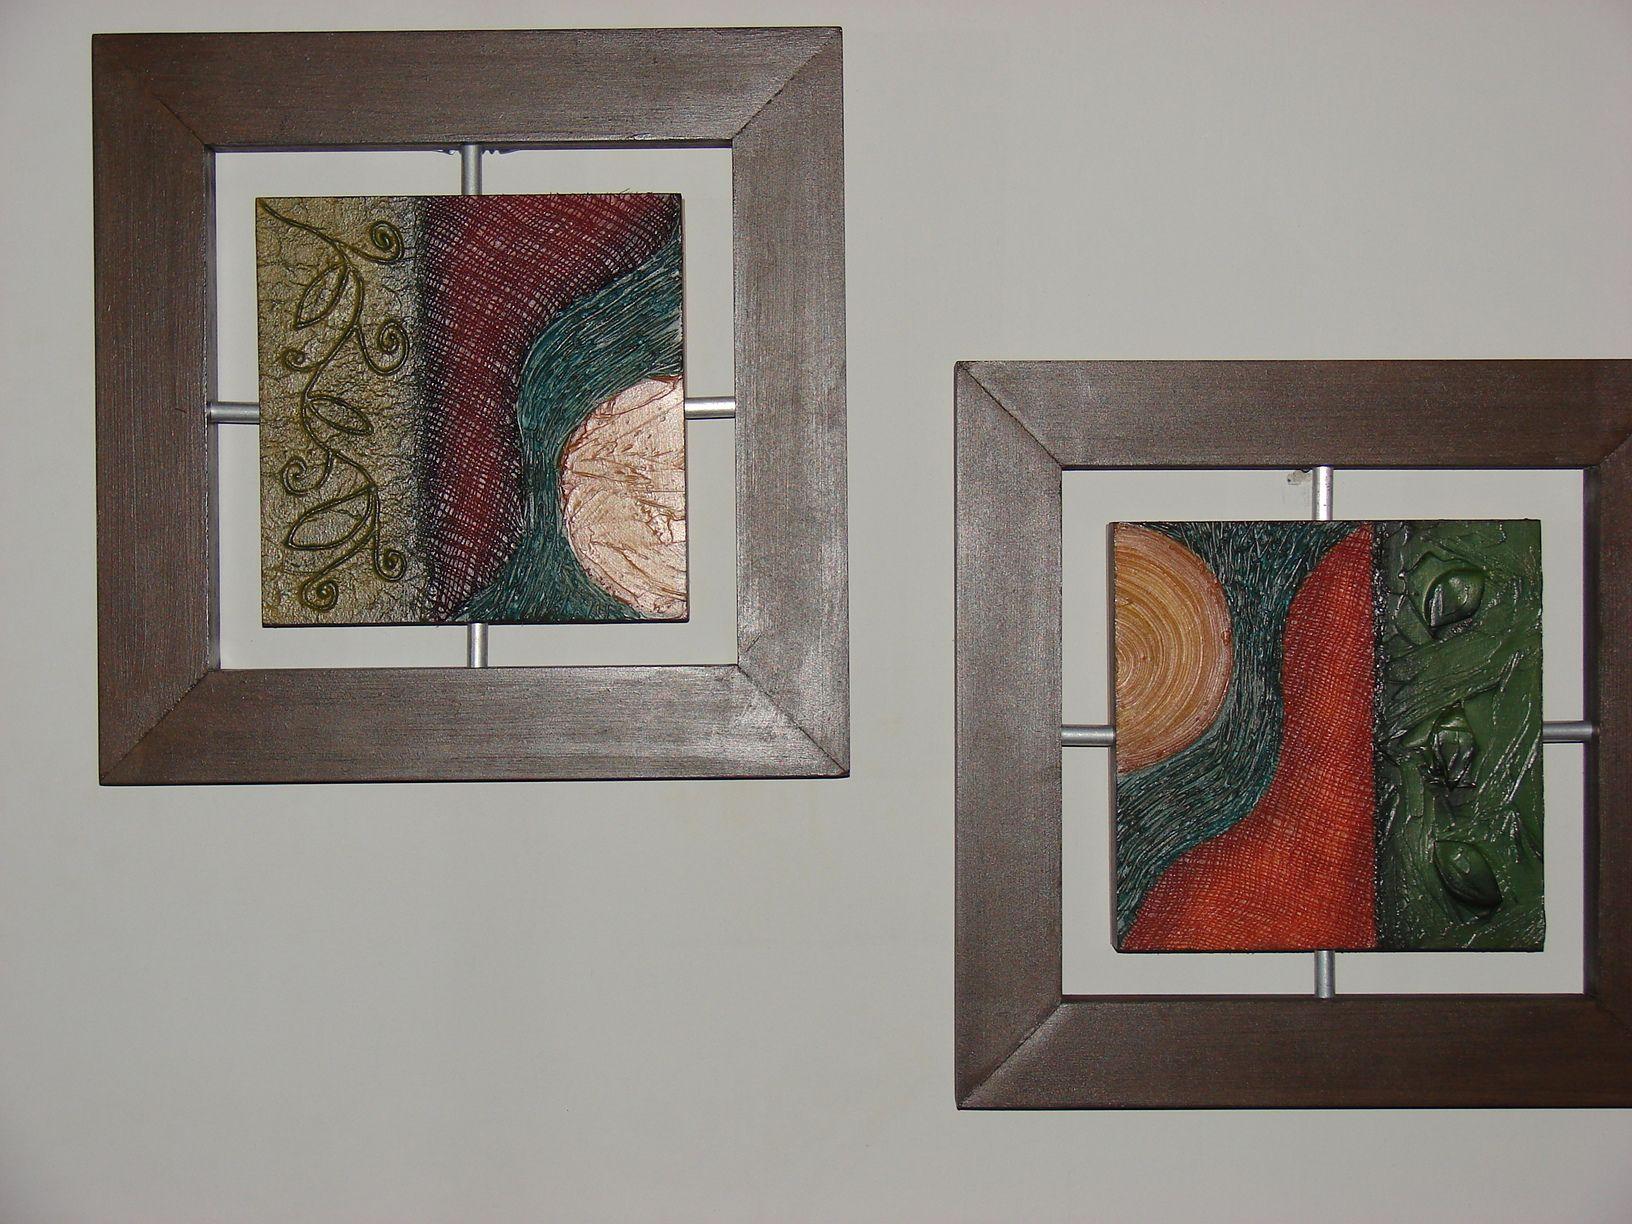 cuadro marco flotante con textura | Arte hecho a mano | Pinterest ...